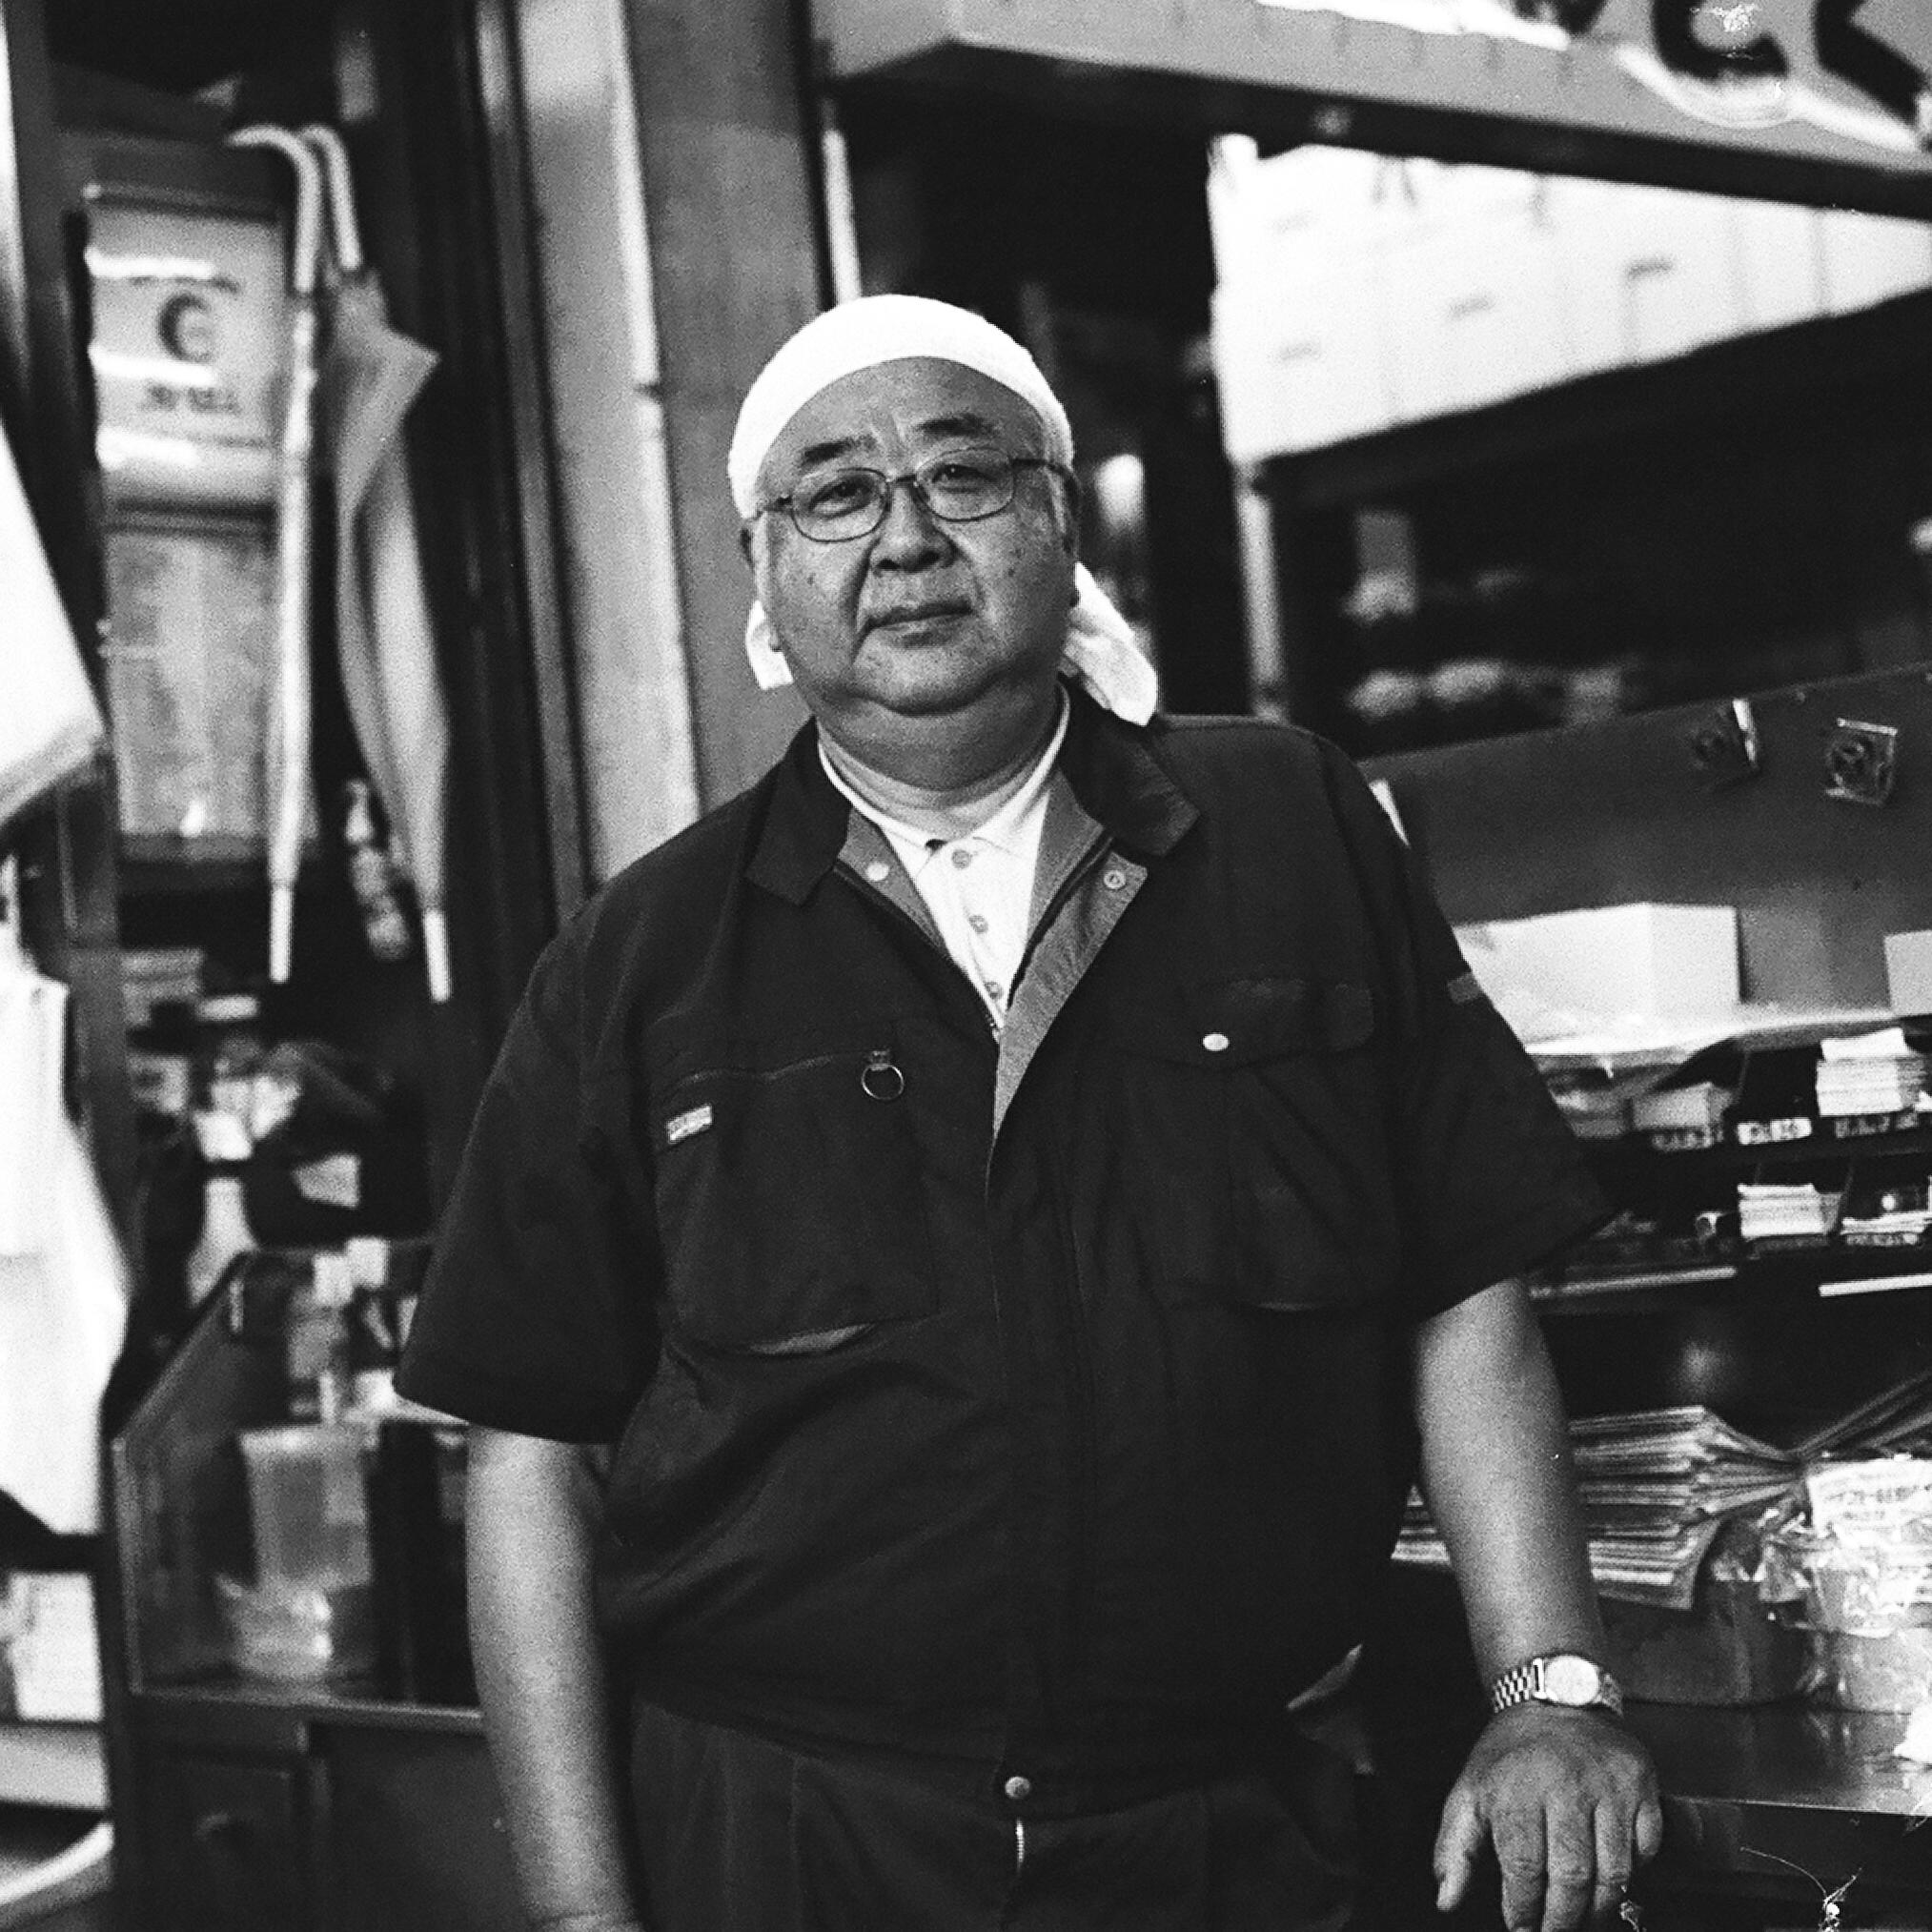 Tsukiji Fish Market, Tokyo, Summer 2014